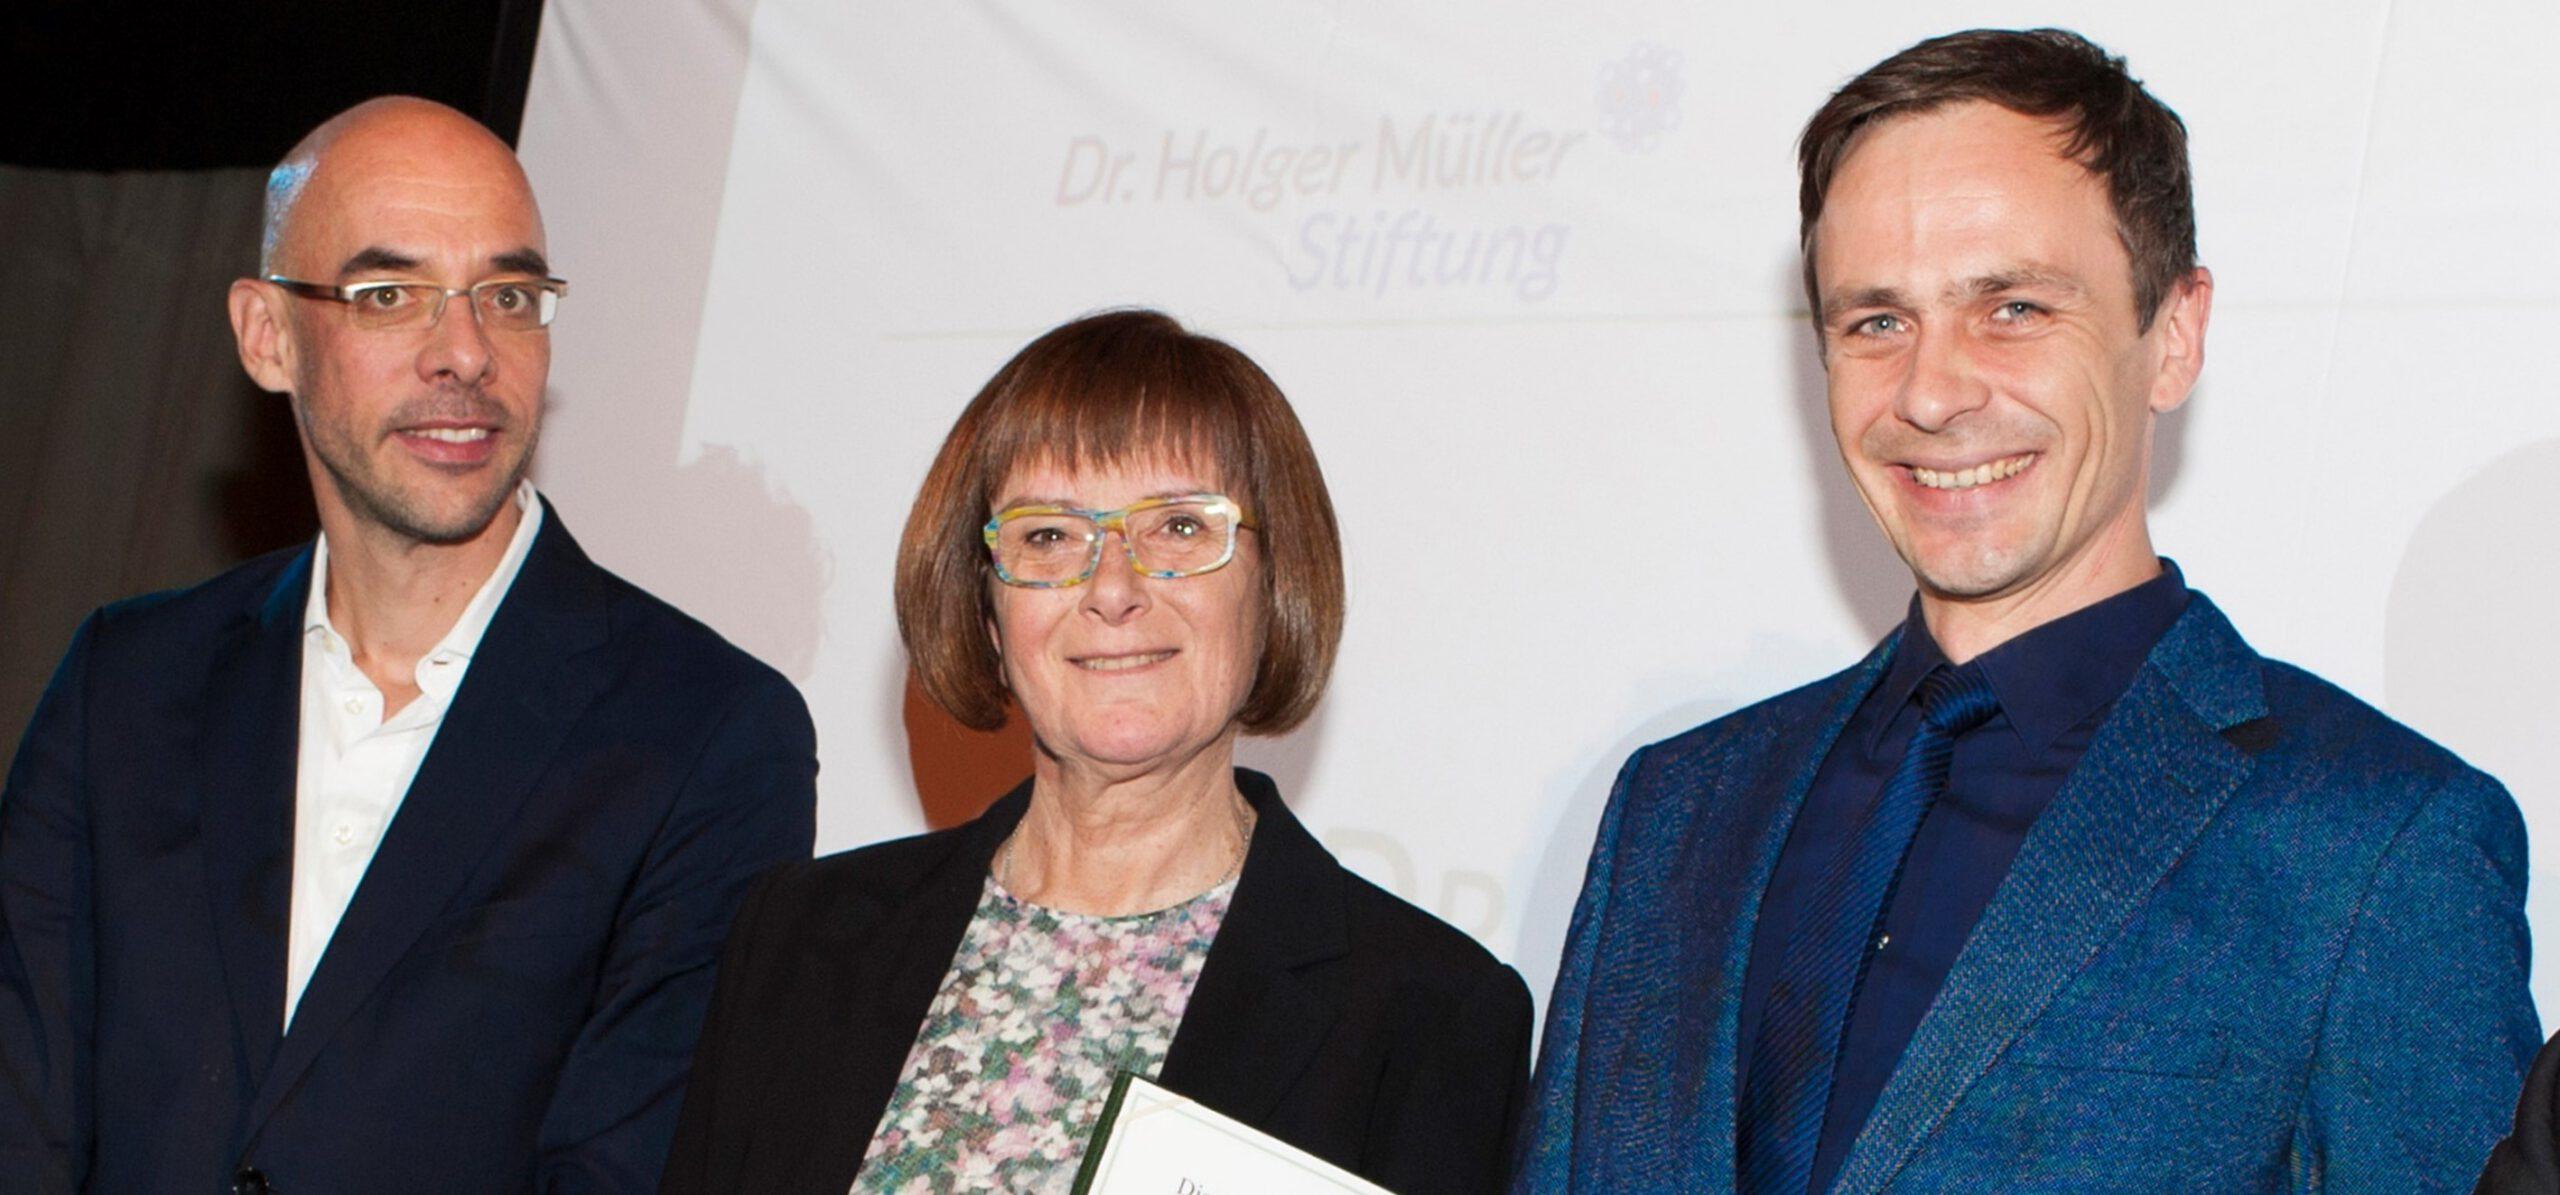 Dr. Holger Müller Preis 2018 an zwei Leipziger Wissenschaftler